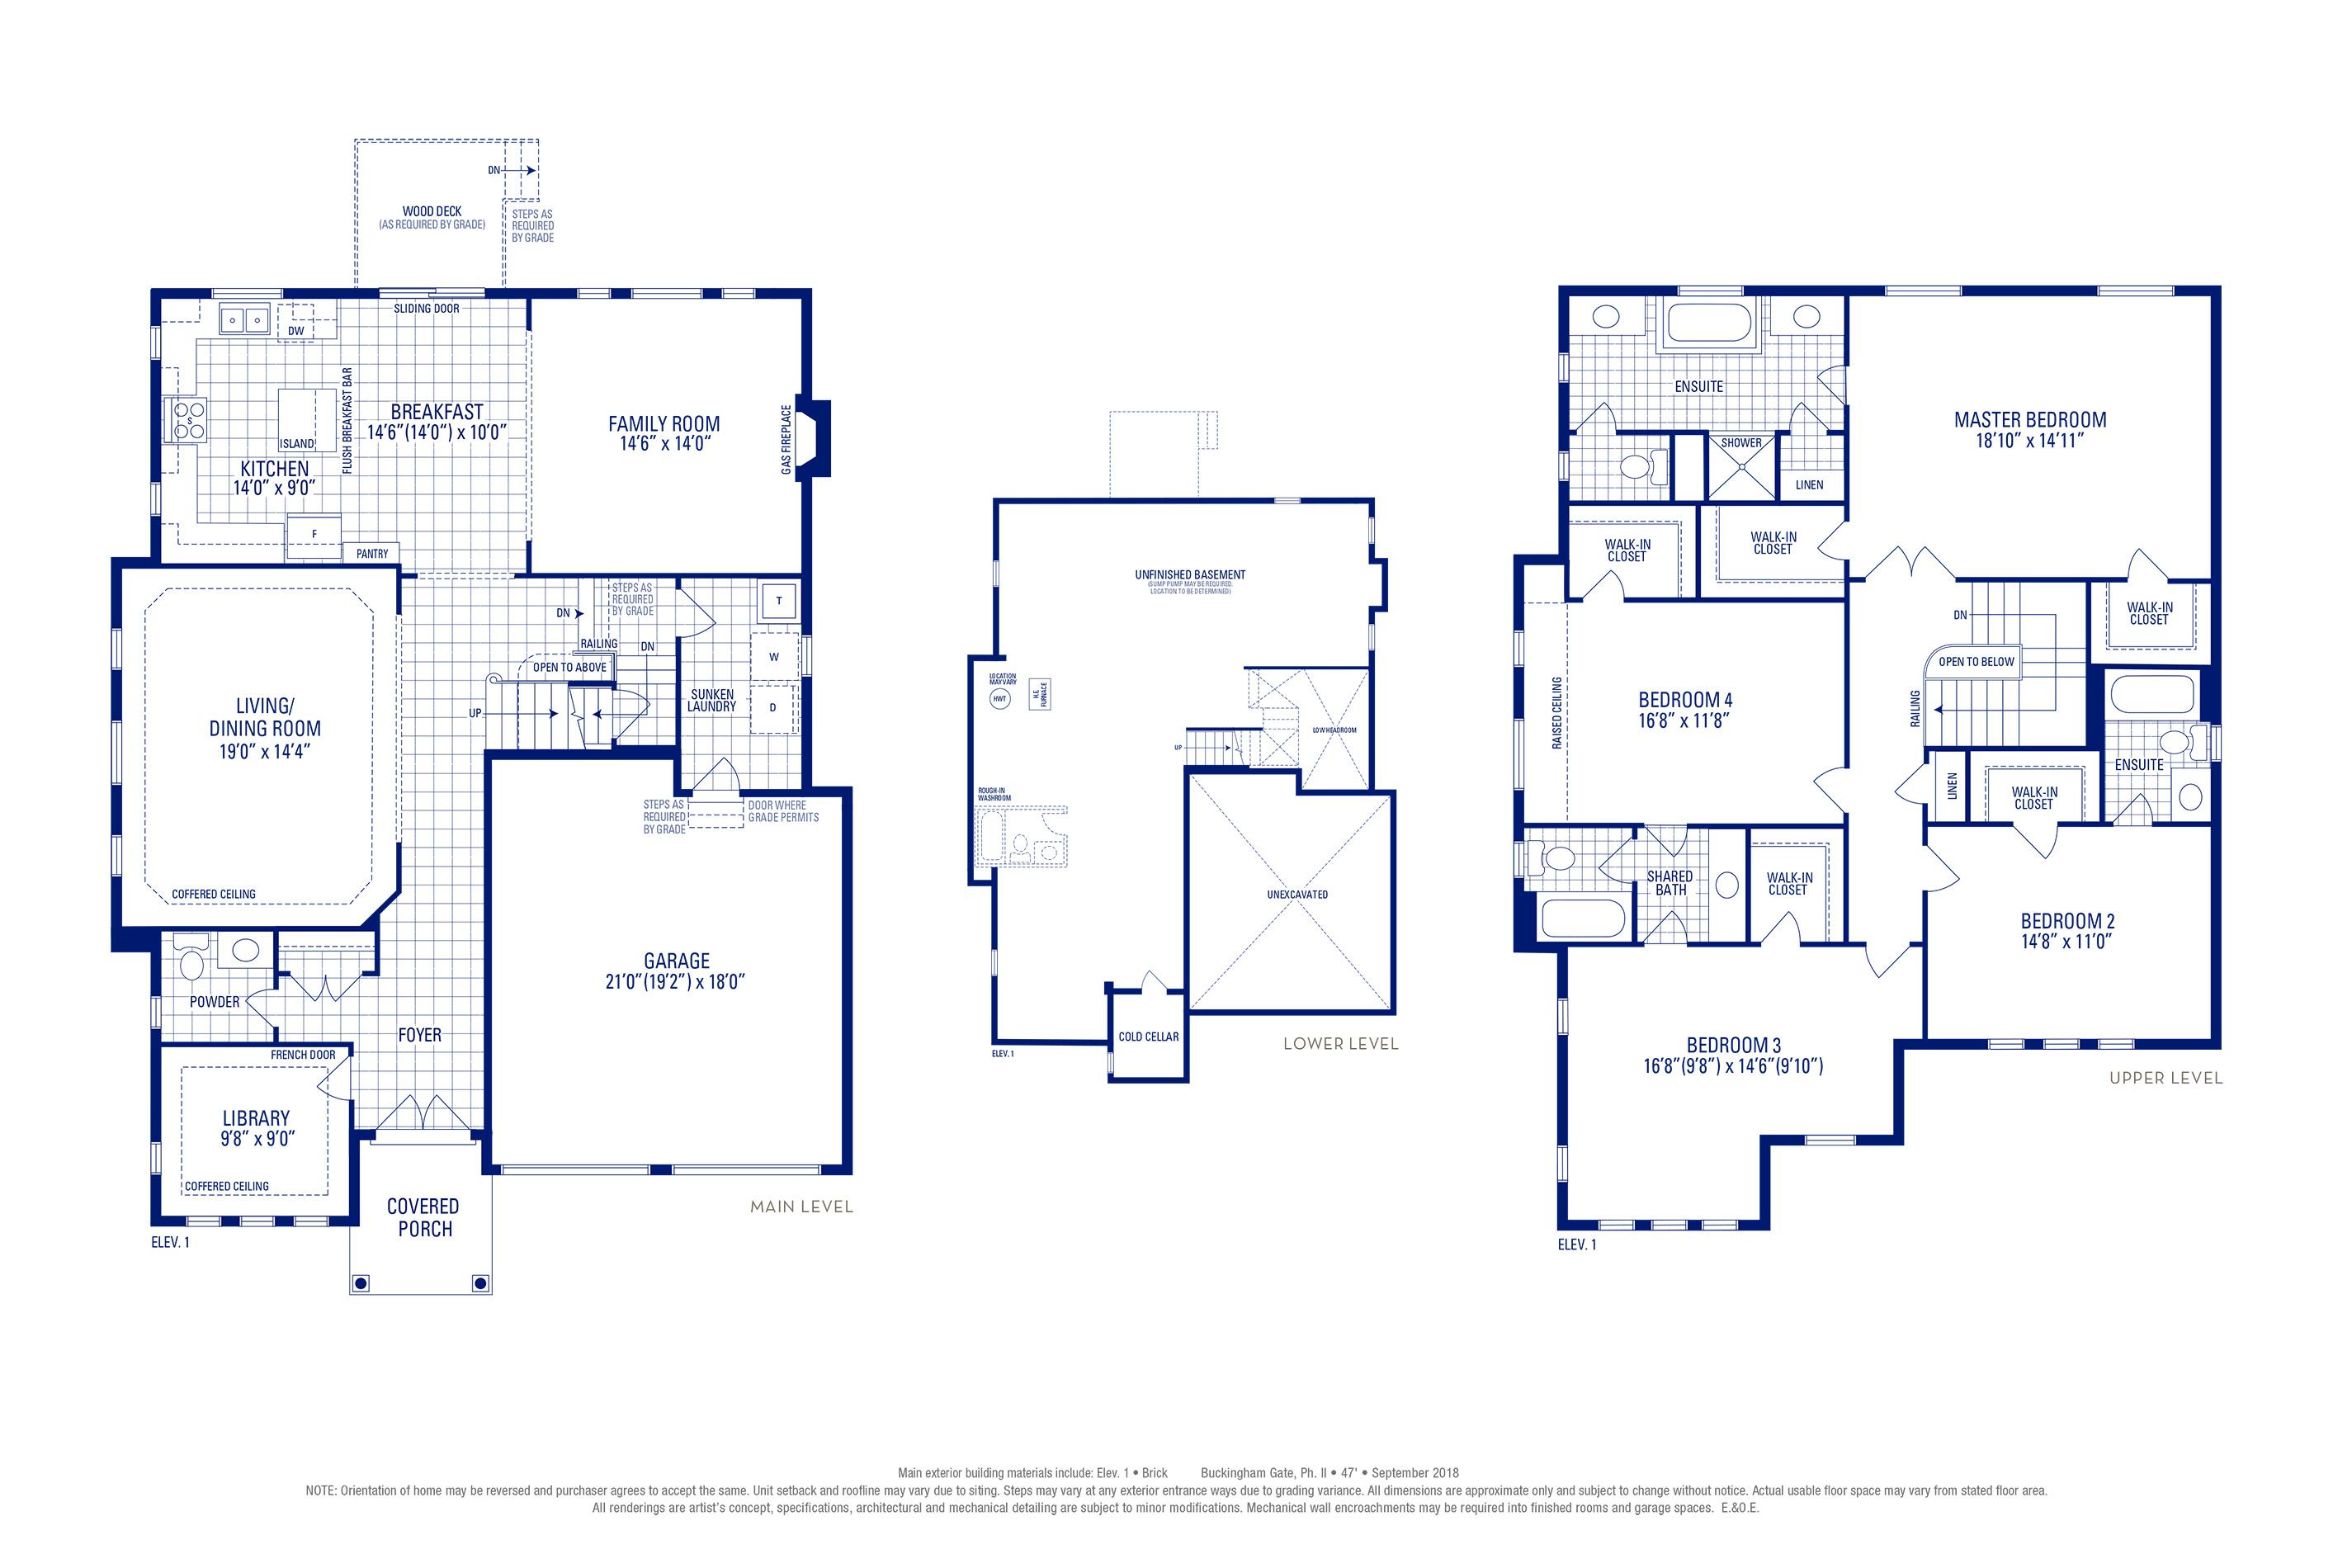 Stafford 12 Elev. 1 Floorplan